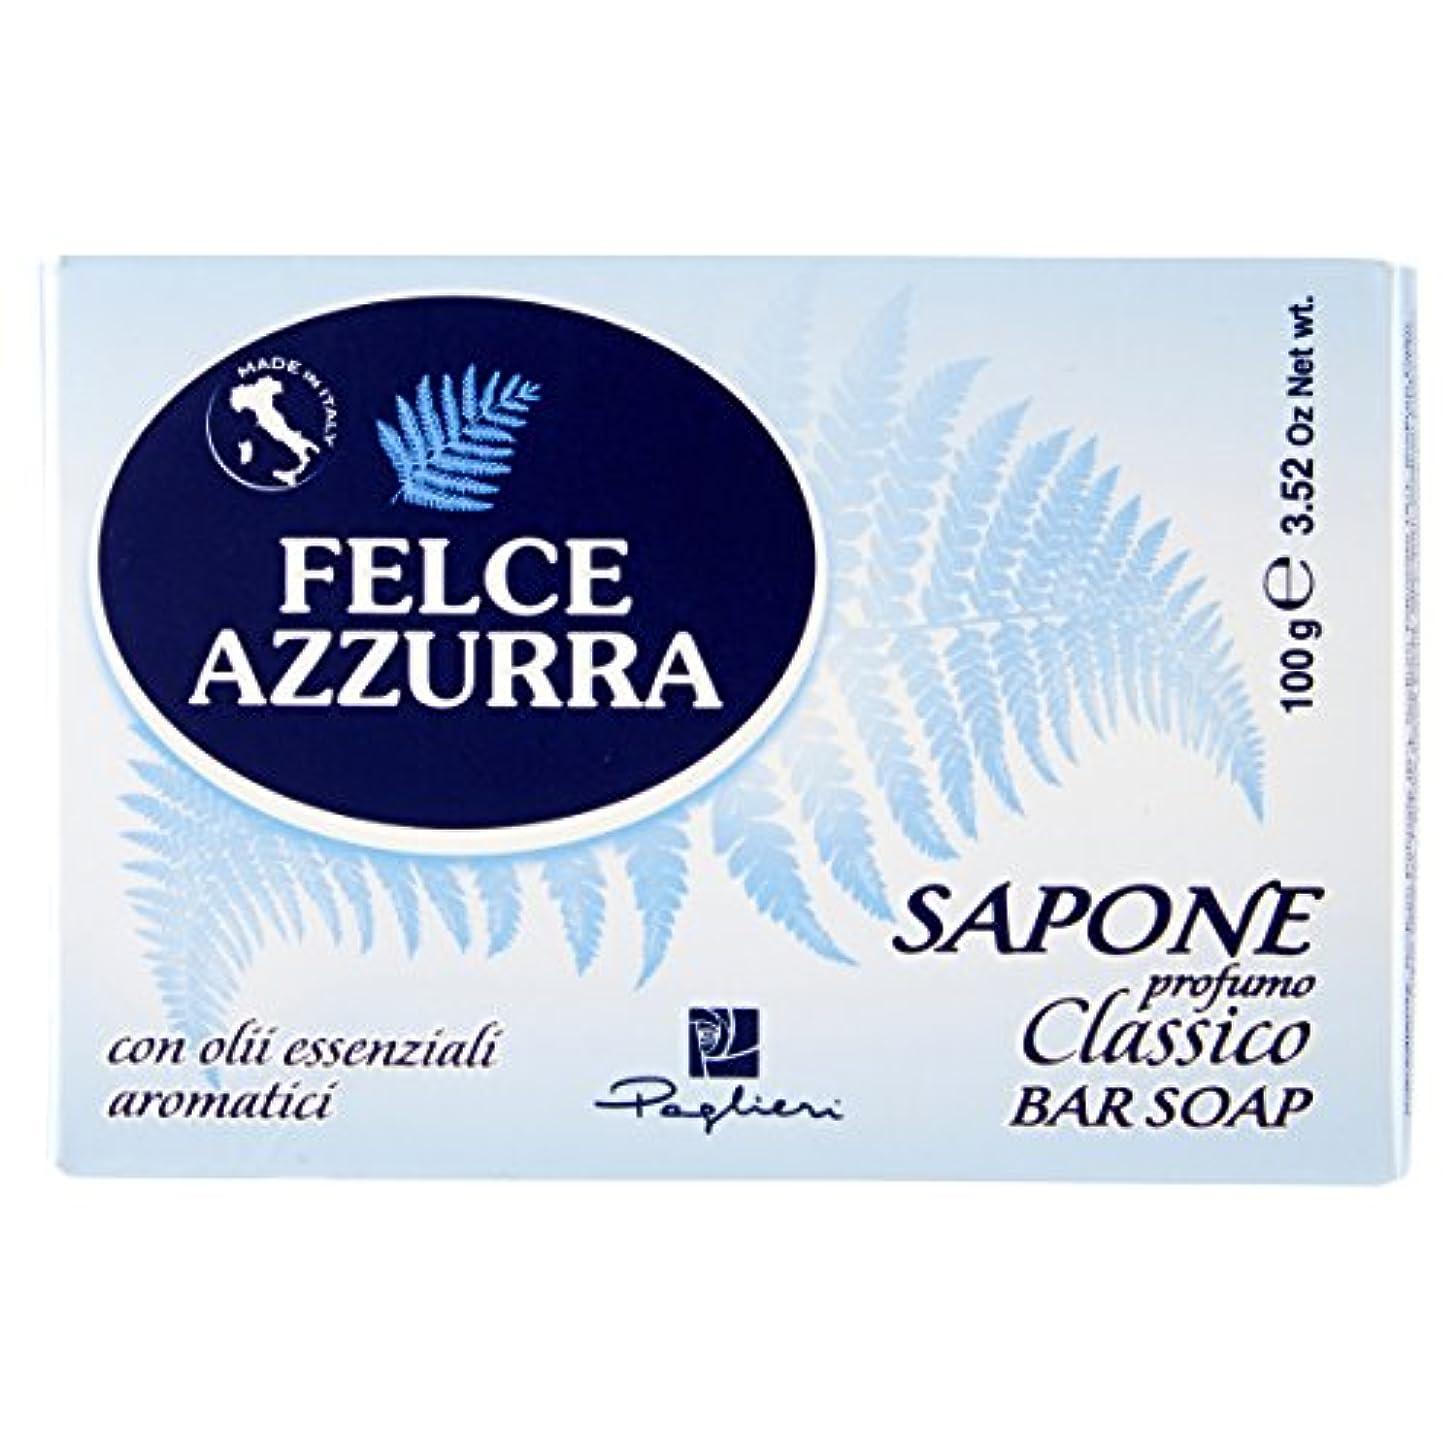 マキシム精神ご近所Felce Azzurra Classico Bar Soap 100g soap by Felce Azzurra by Felce Azzurra